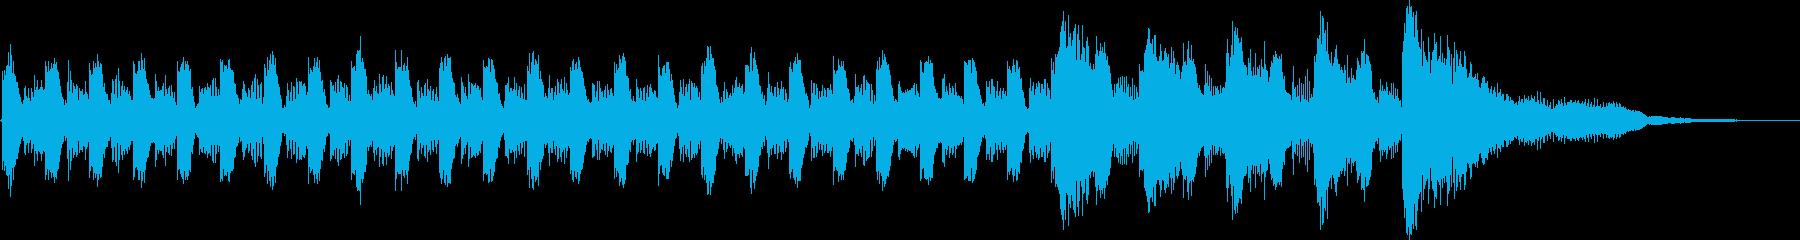 カウントダウン4321whoo!の再生済みの波形